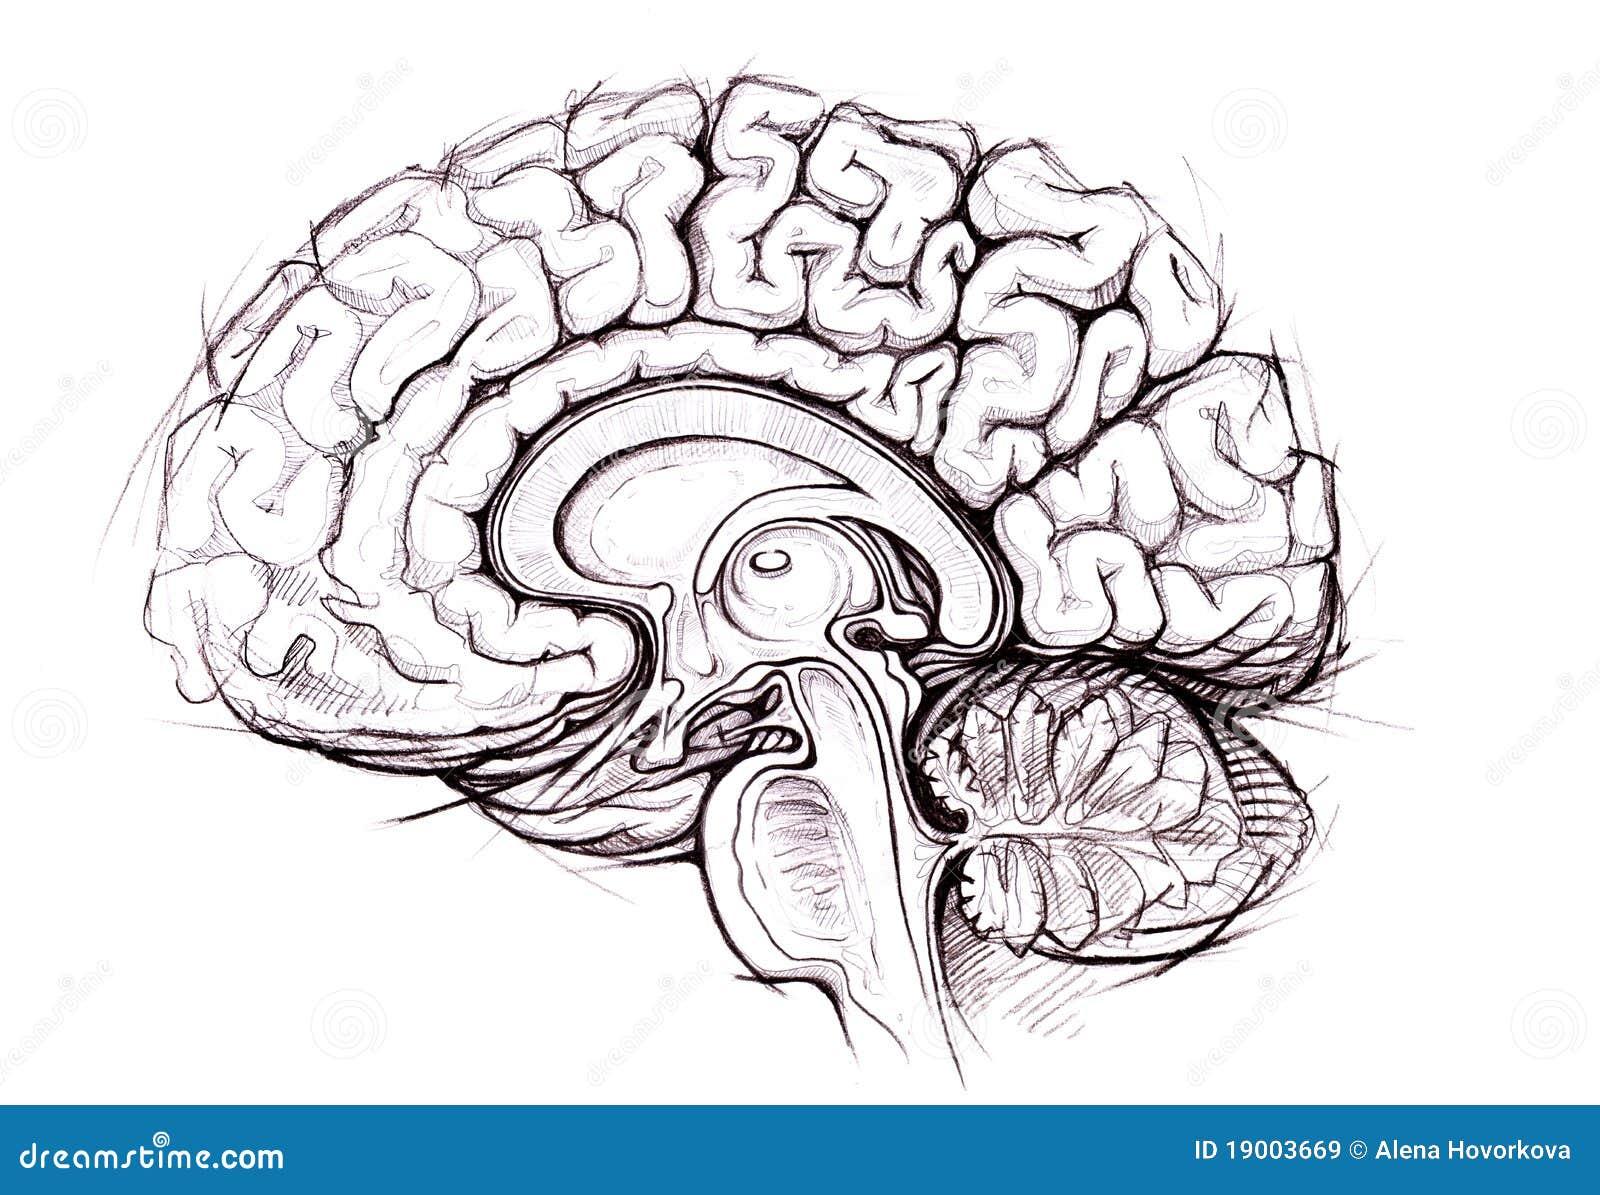 Skethy Studie Des Bleistifts Des Menschlichen Gehirns Stock ...